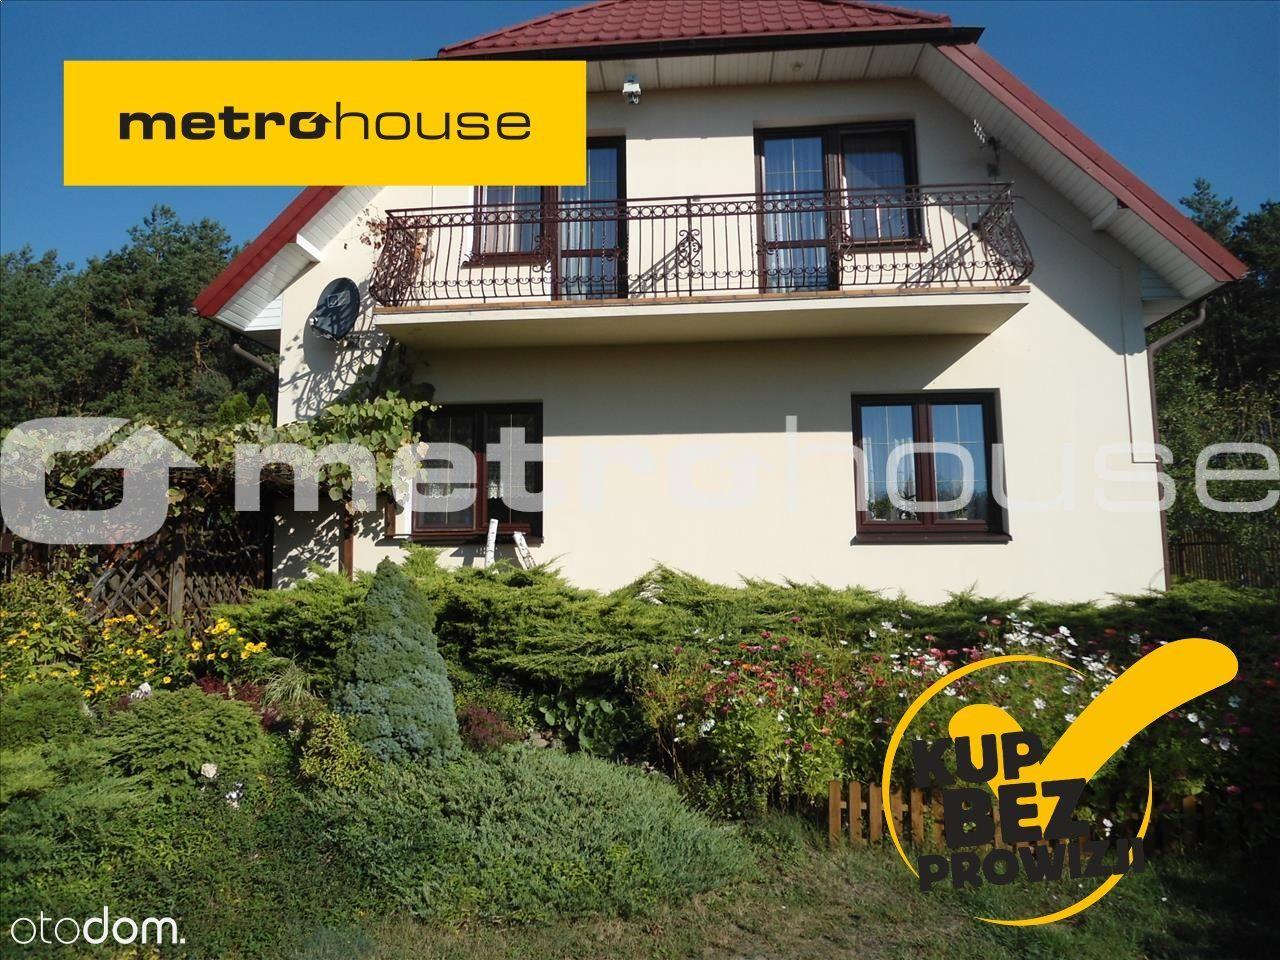 5 pokoje, dom na sprzedaż Dąbrówka, wołomiński, mazowieckie 59690091 • otodom.pl